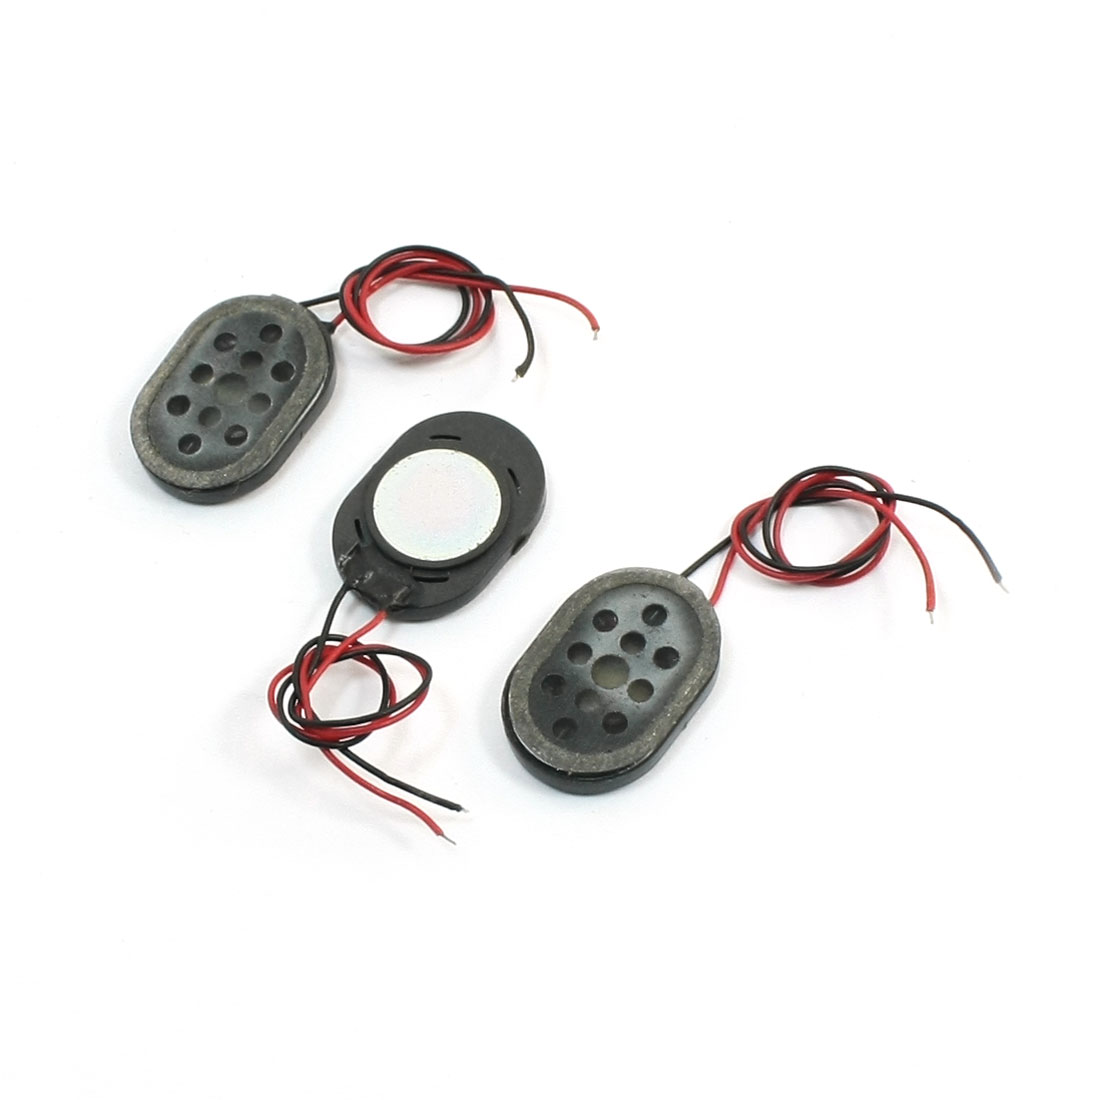 Unique Bargains 3pcs 1w 8 Ohm Phone Sounds Audio Magnet